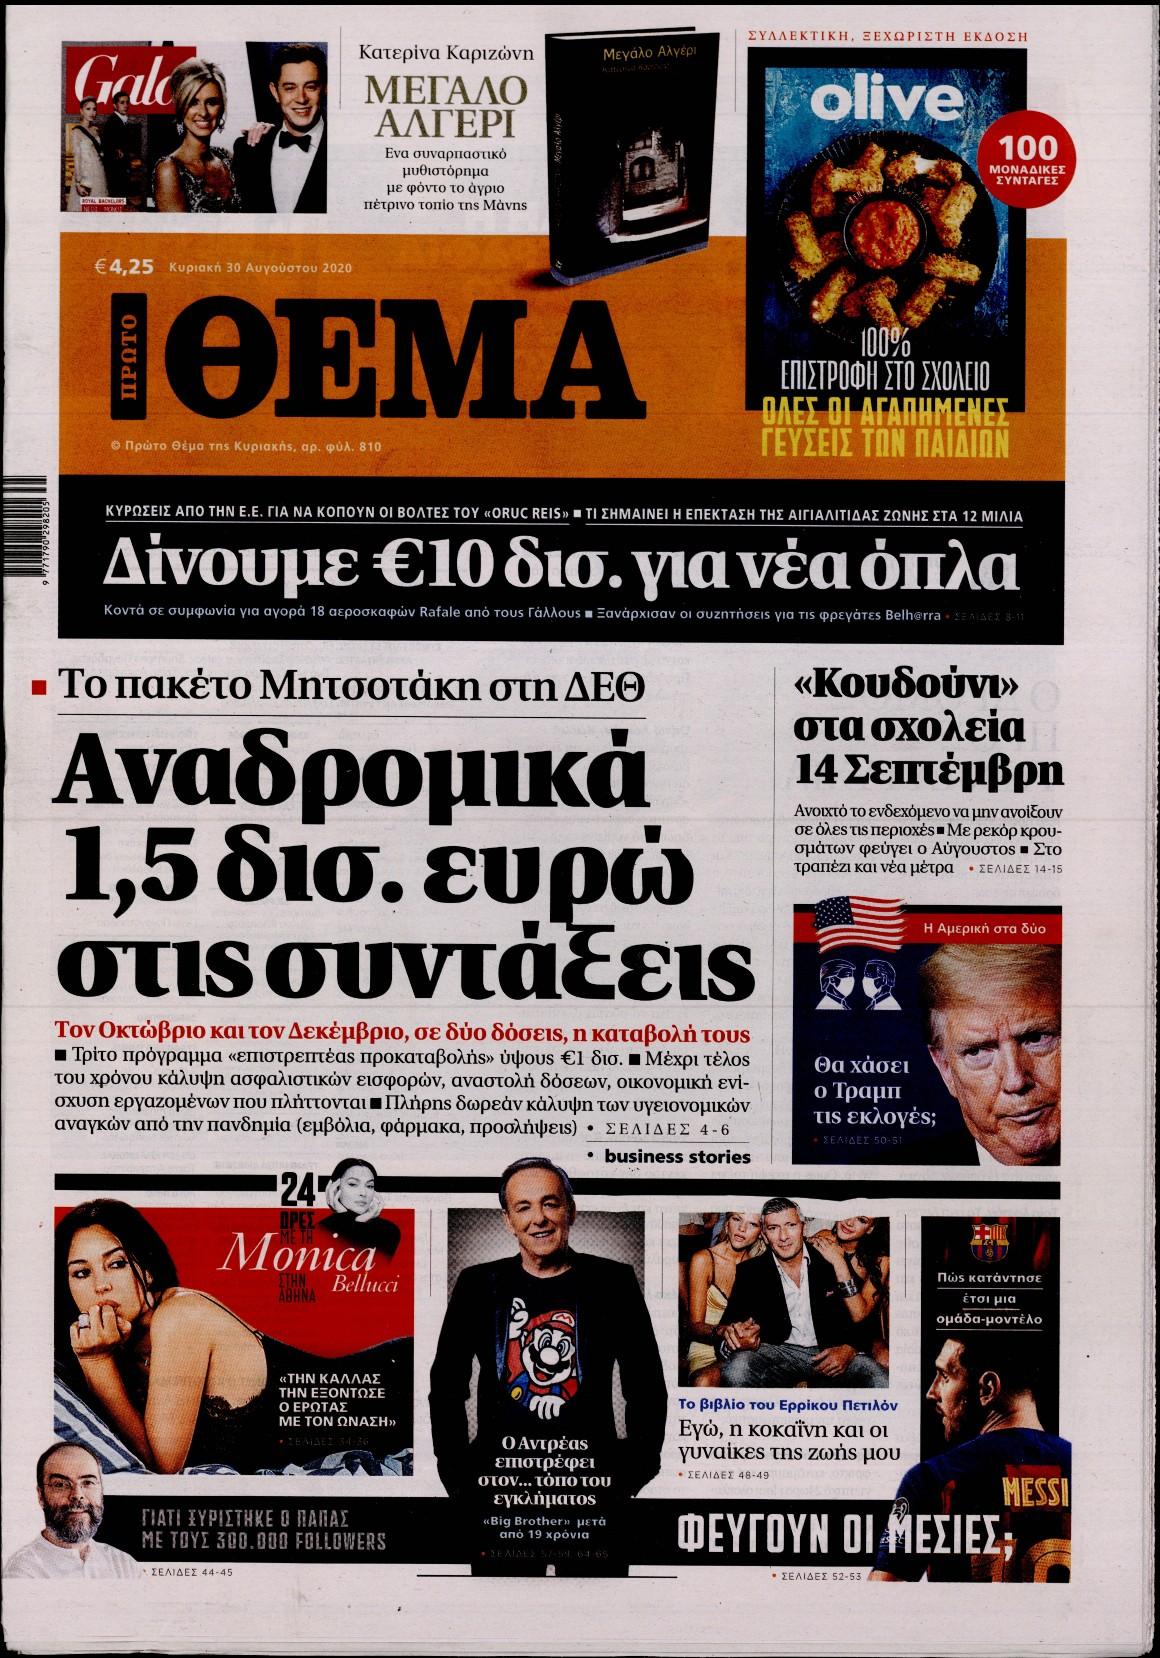 https://www.newsbeast.gr/files/1/newspapers/2020/08/30/27371631_1469.jpg